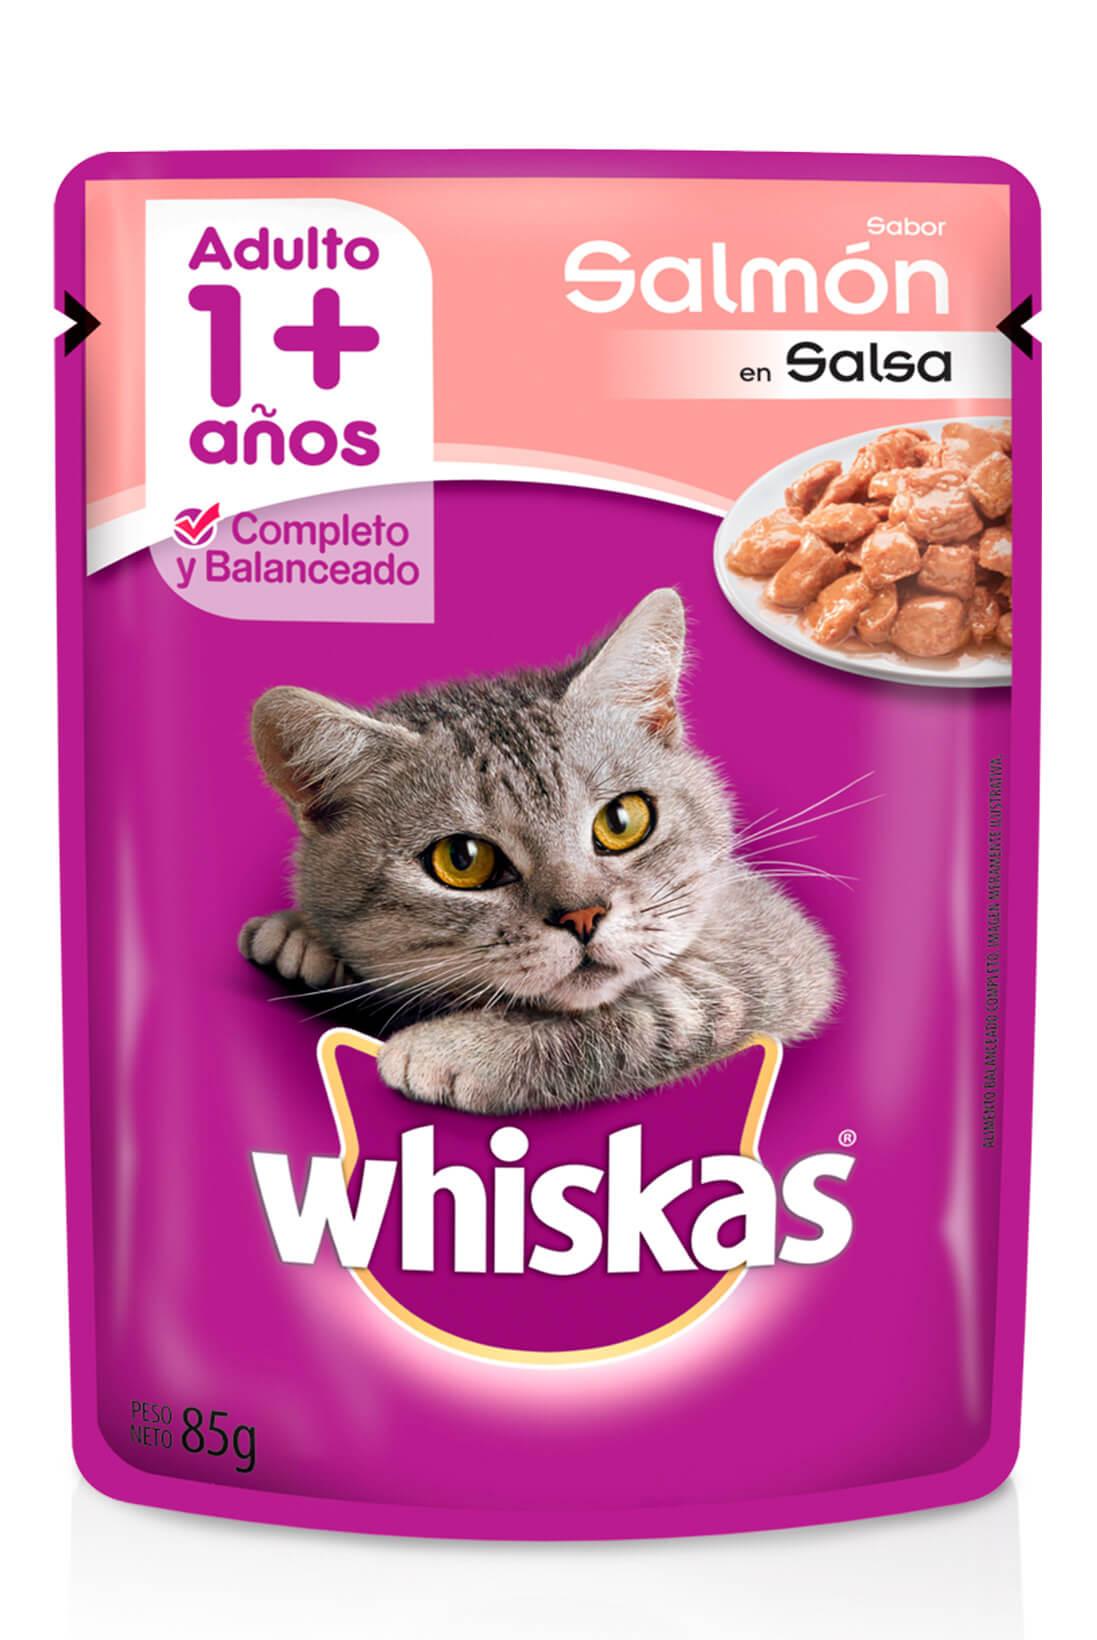 Whiskas sobrecito adulto salmón en salsa